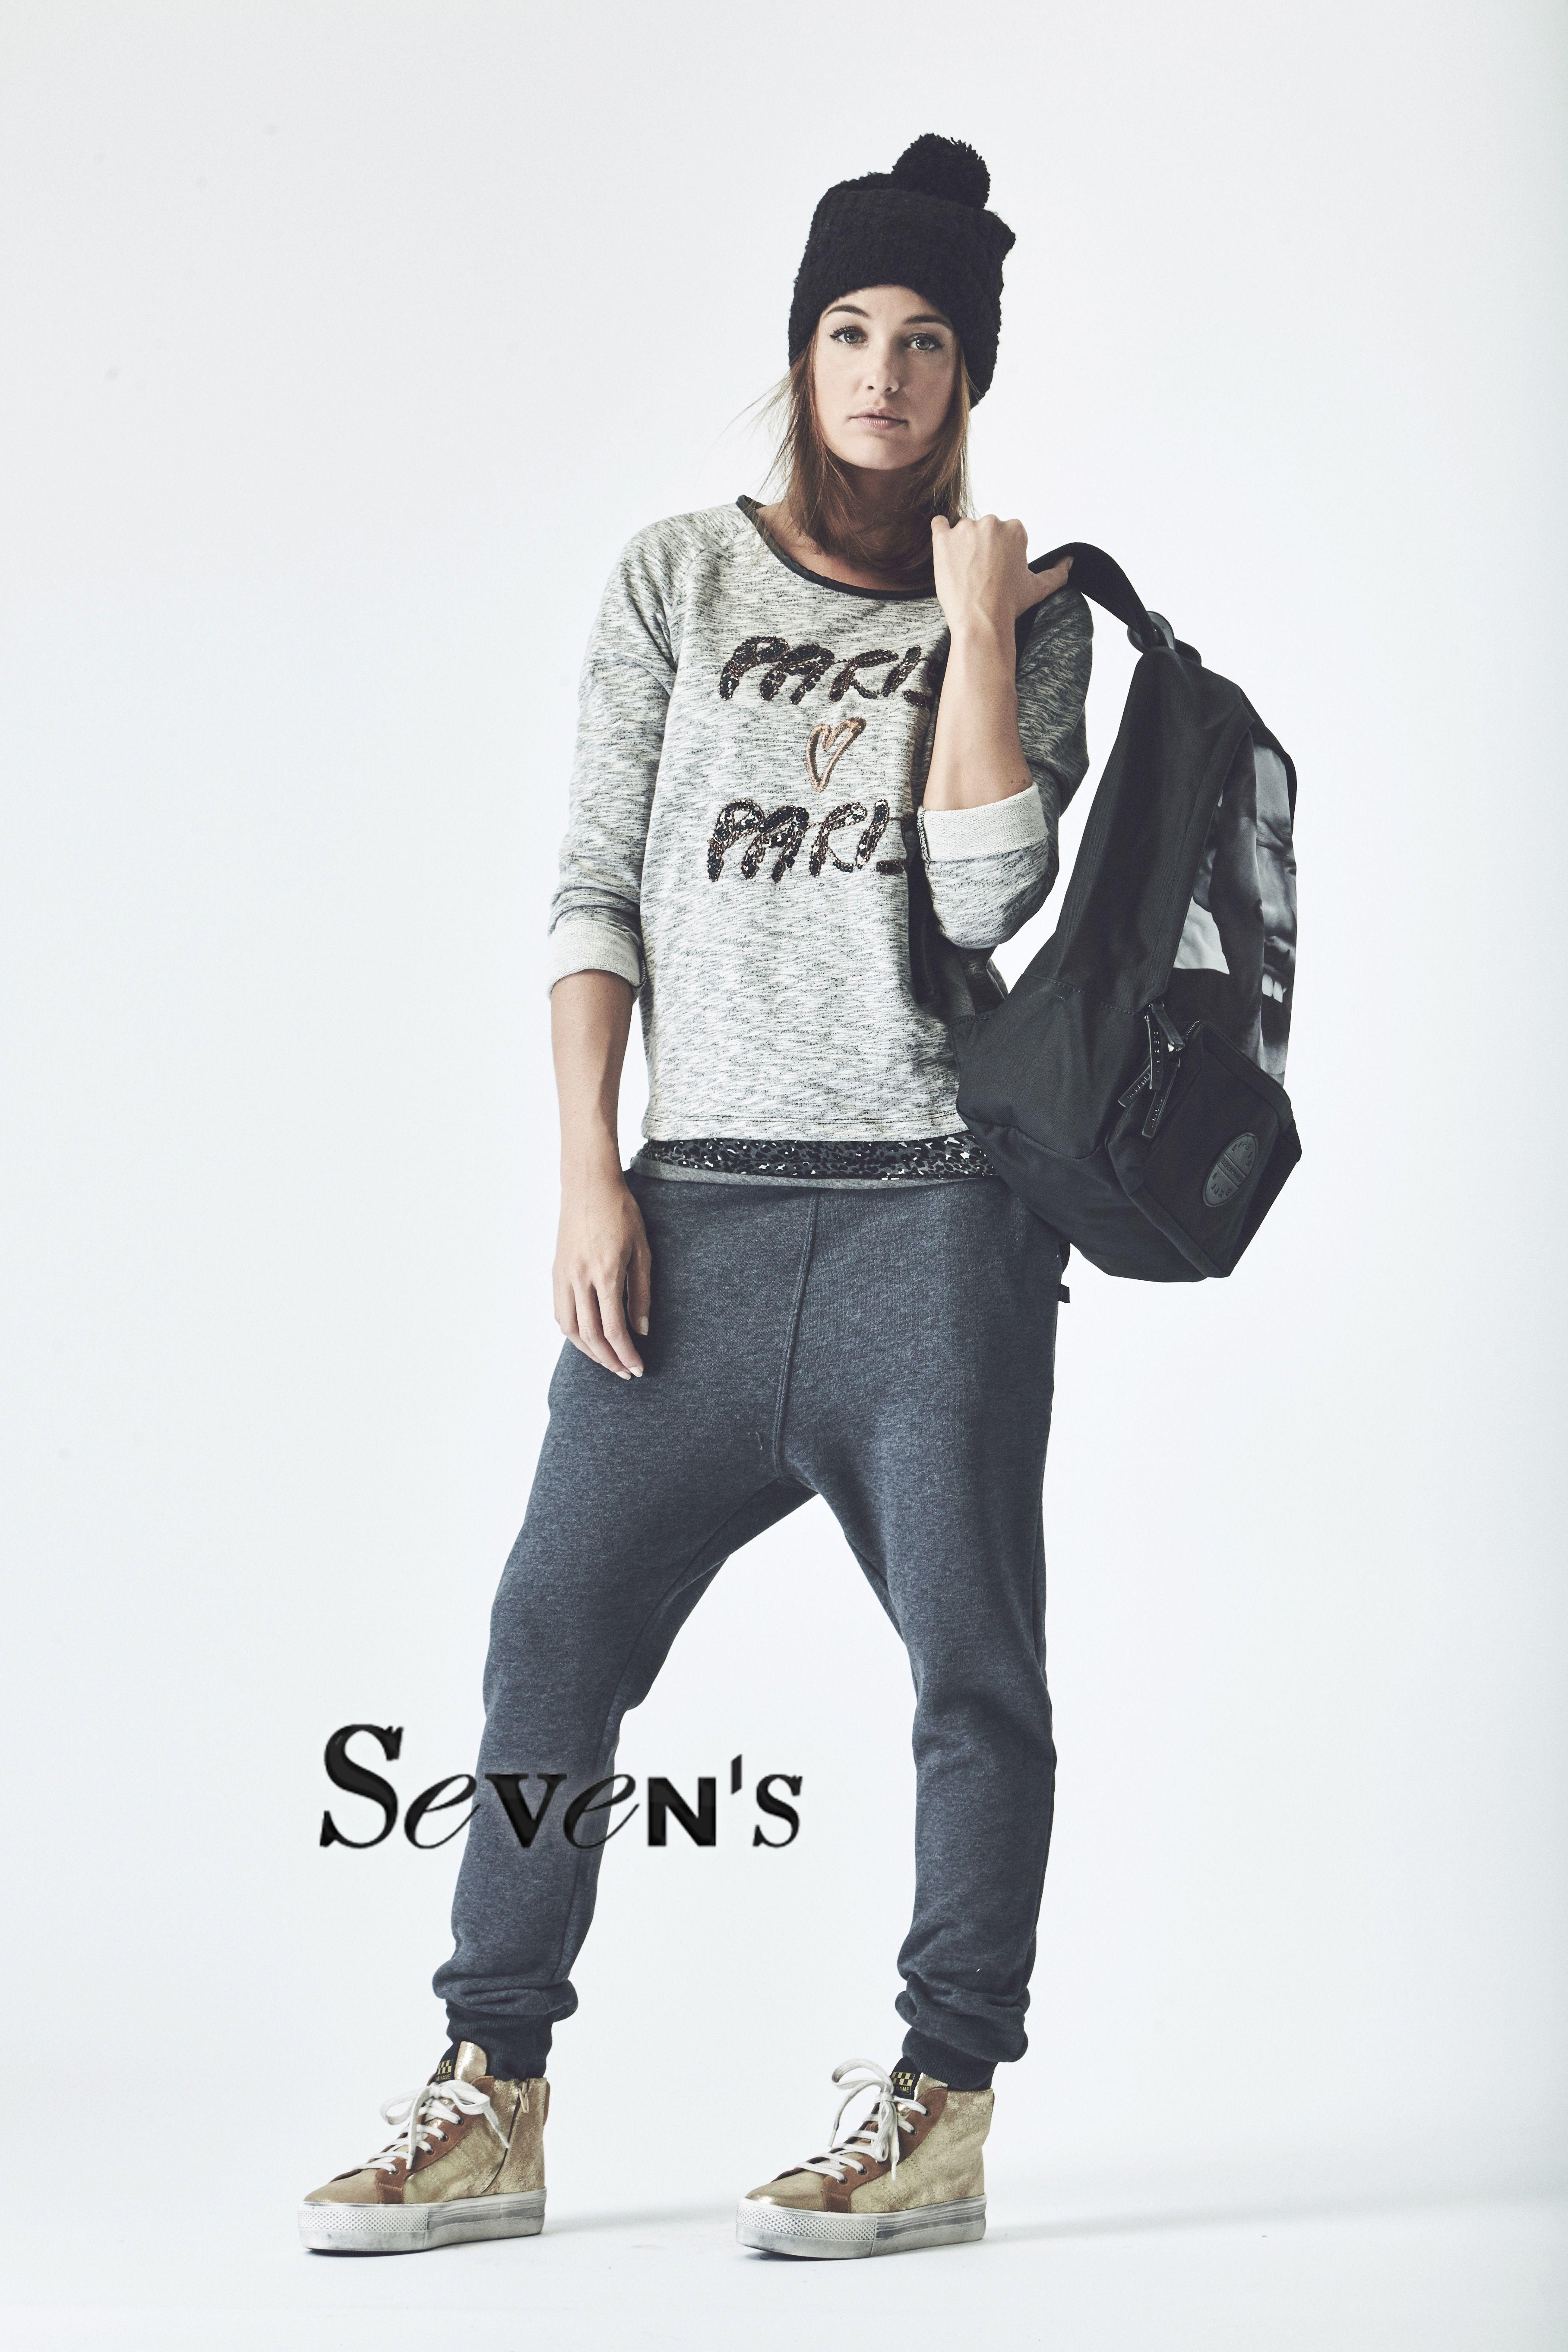 prix d'usine styles frais 100% de haute qualité Top & Bonnet MAISONSCOTCH - Jogg SWEET PANTS - Shoes NO NAME ...